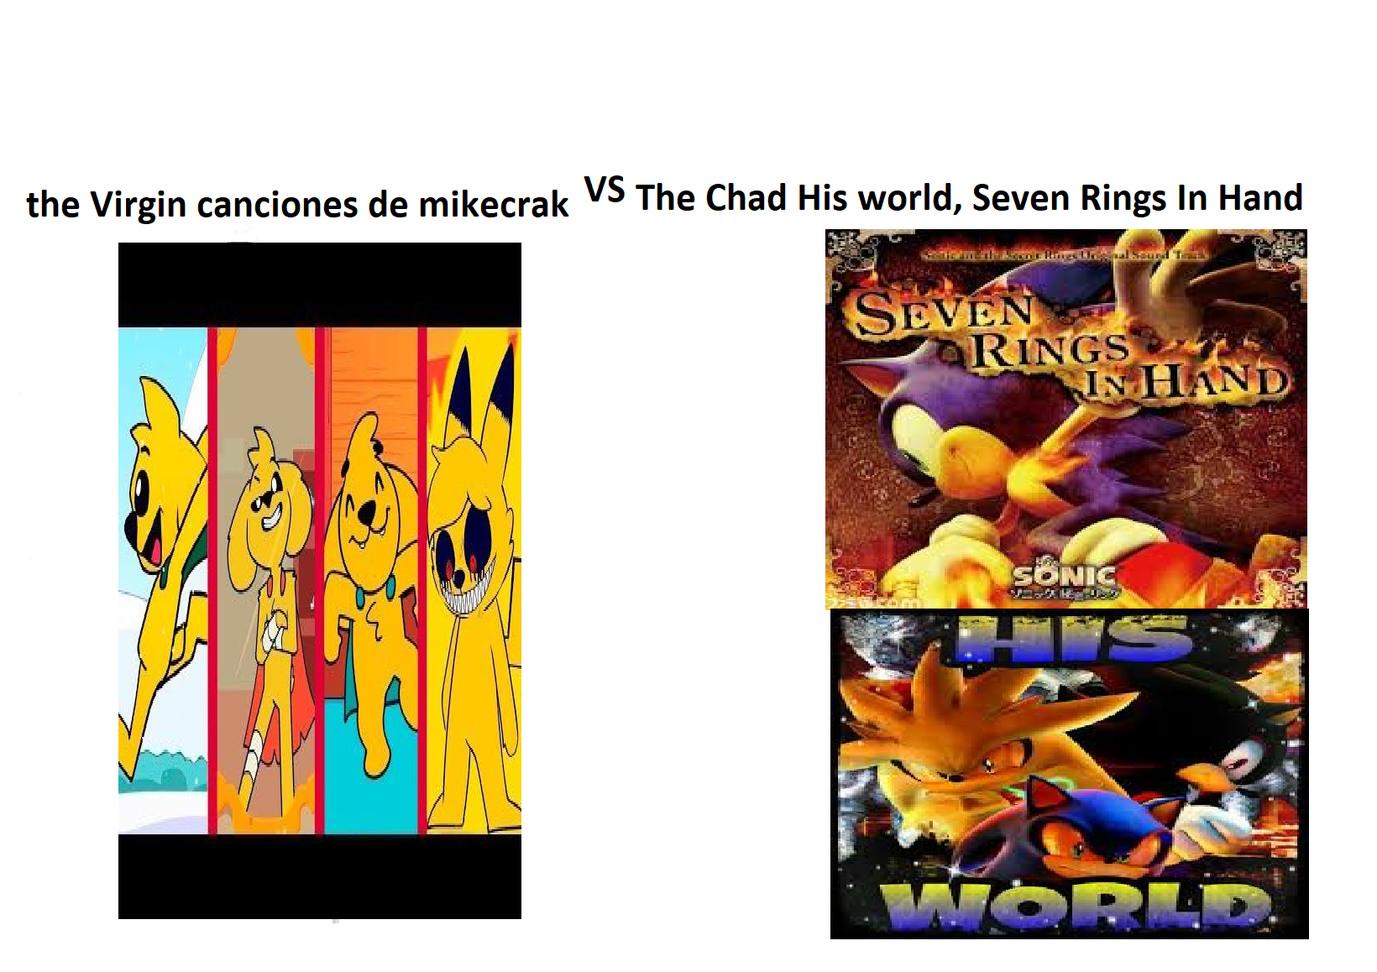 Temazos de los malos juegos de Sonic - meme